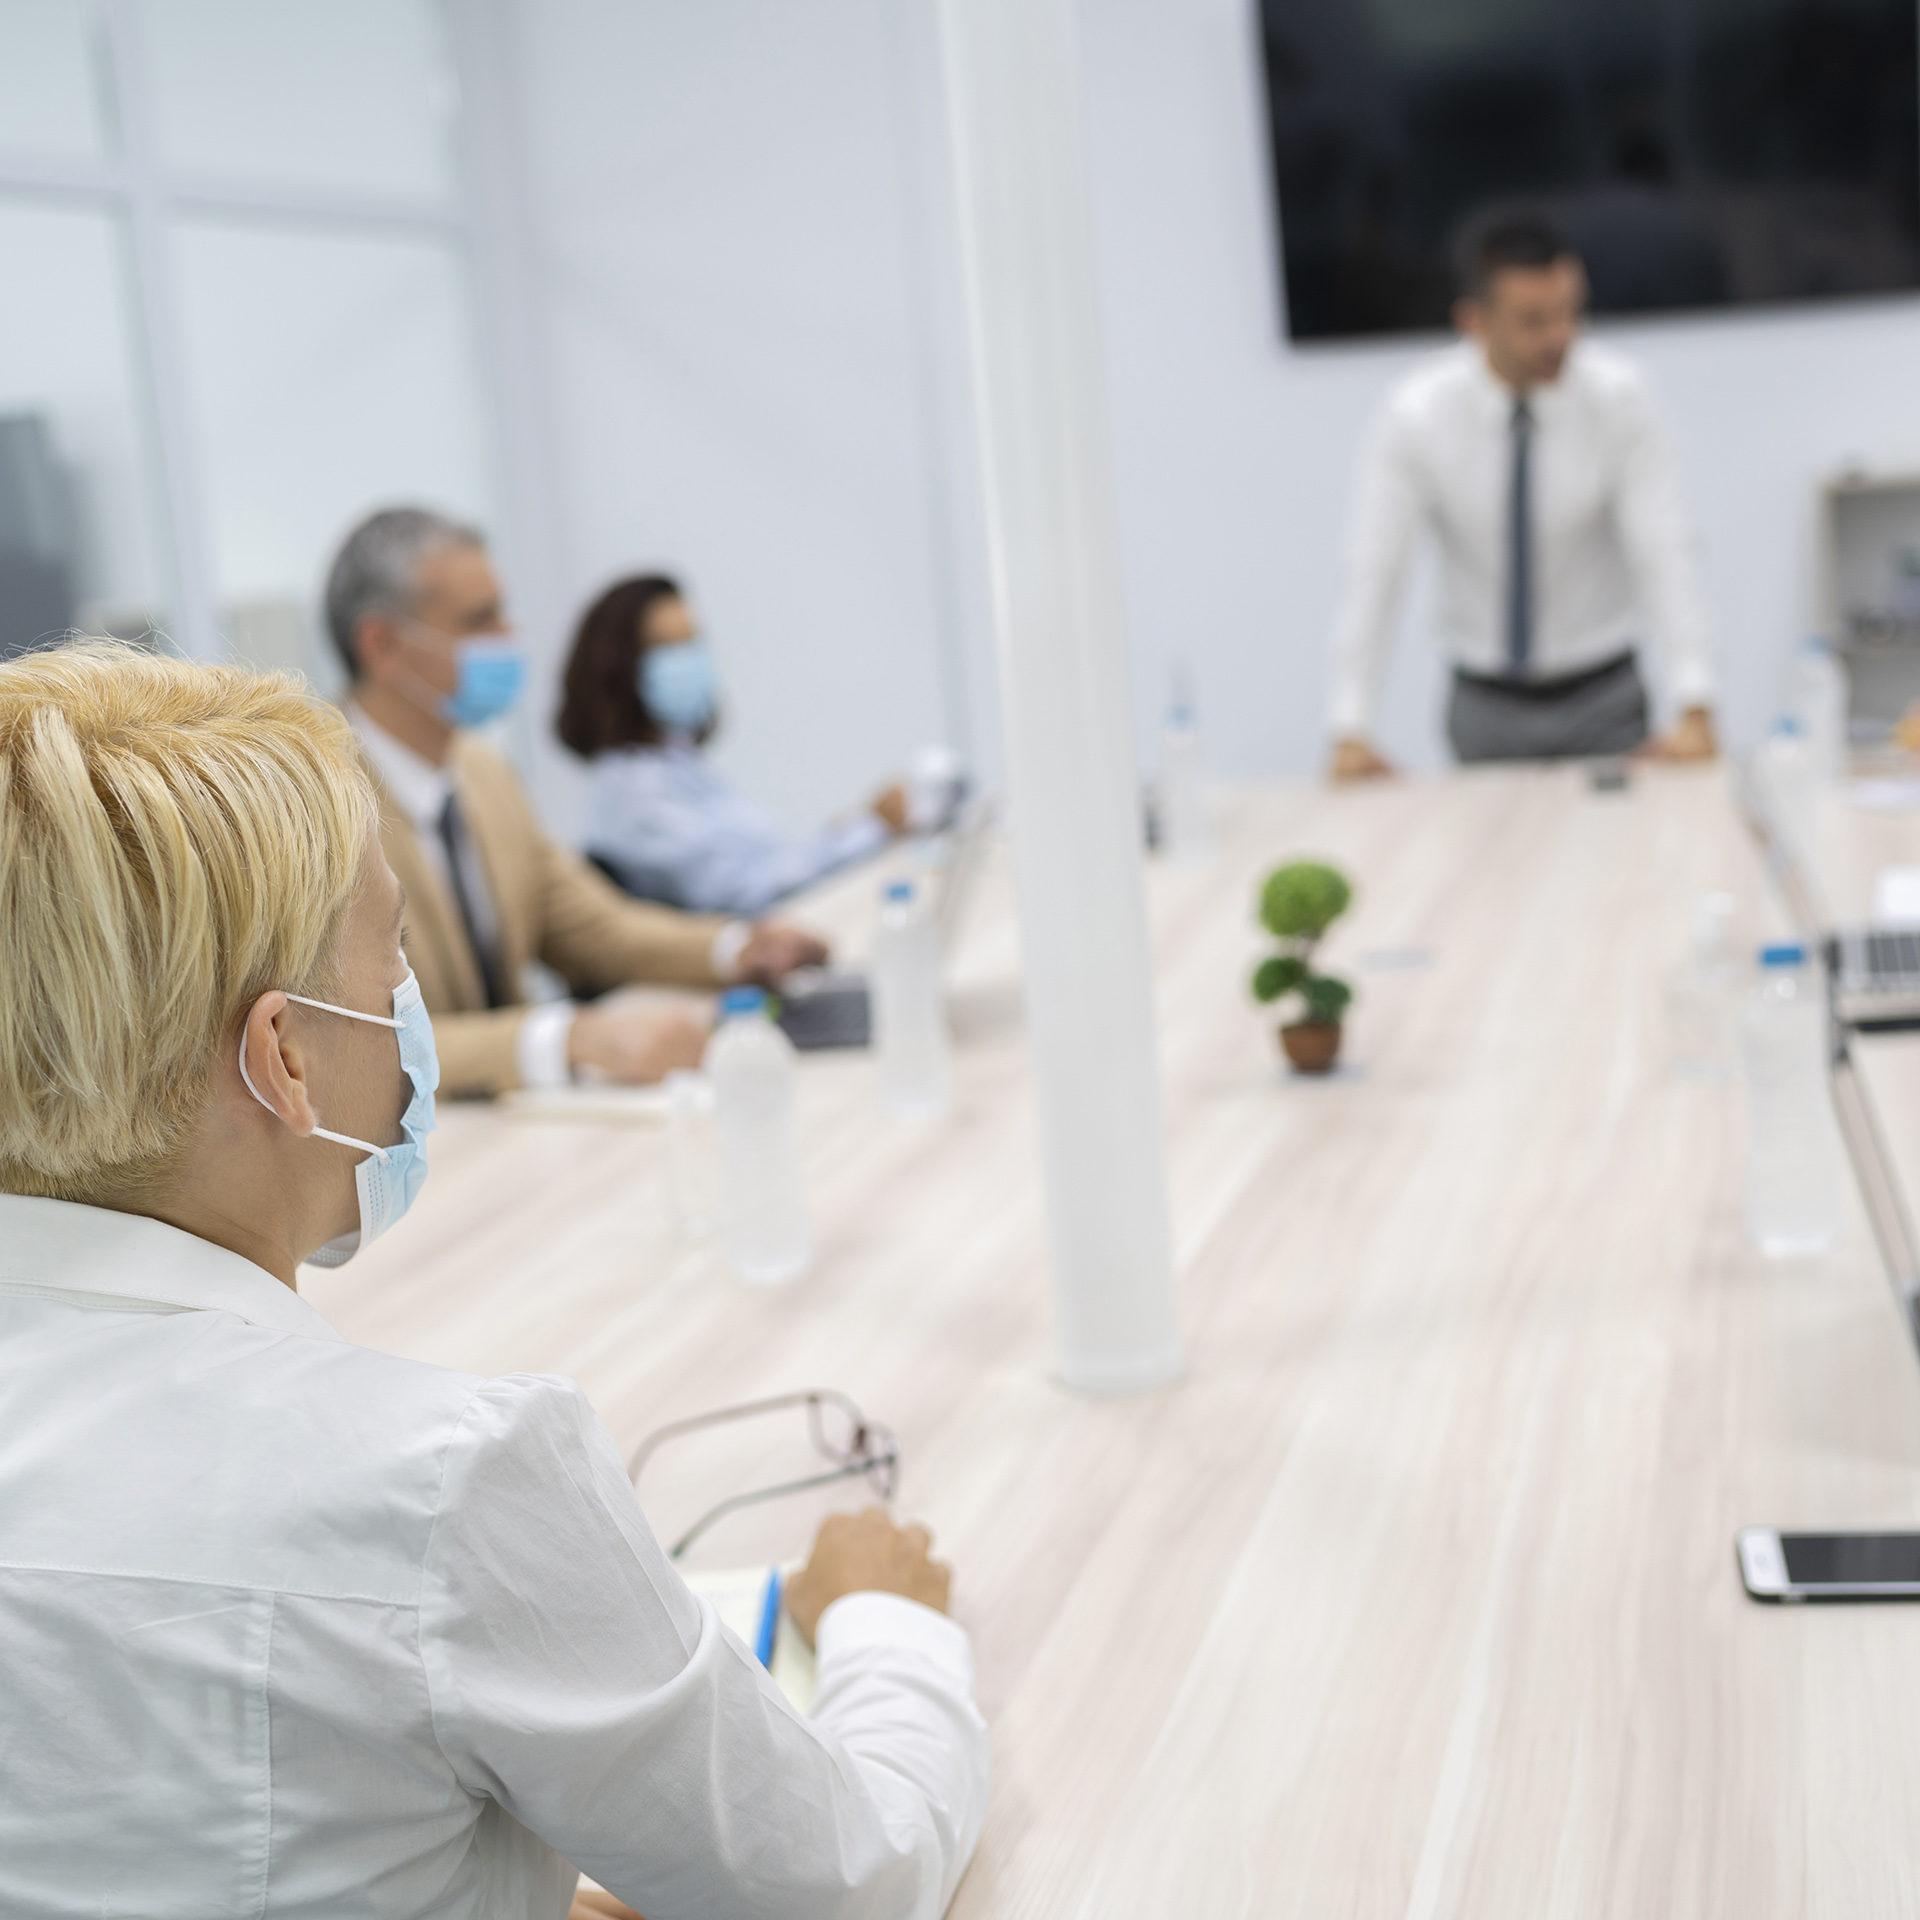 Rondetafel gesprek tijdens meeting